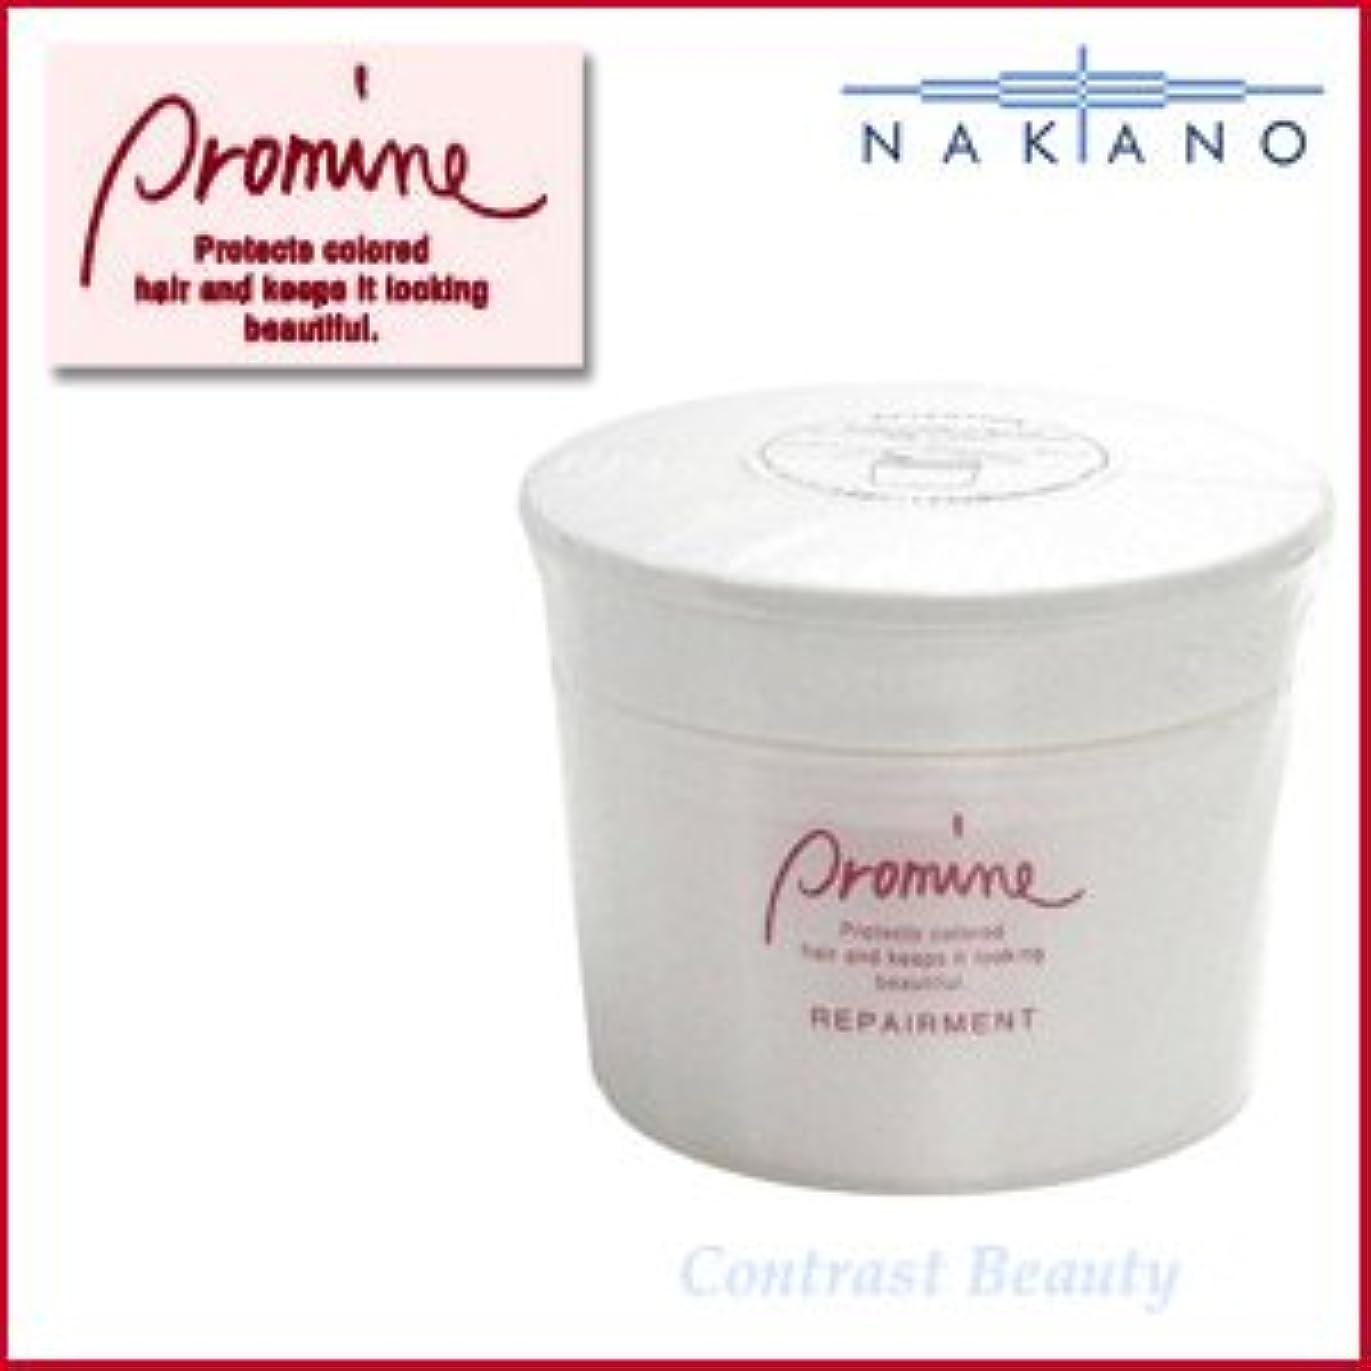 オペラ盲目口【X3個セット】 ナカノ プロマイン リペアメント 250g 【ヘアケア Hair care 中野製薬株式会社 NAKANO】